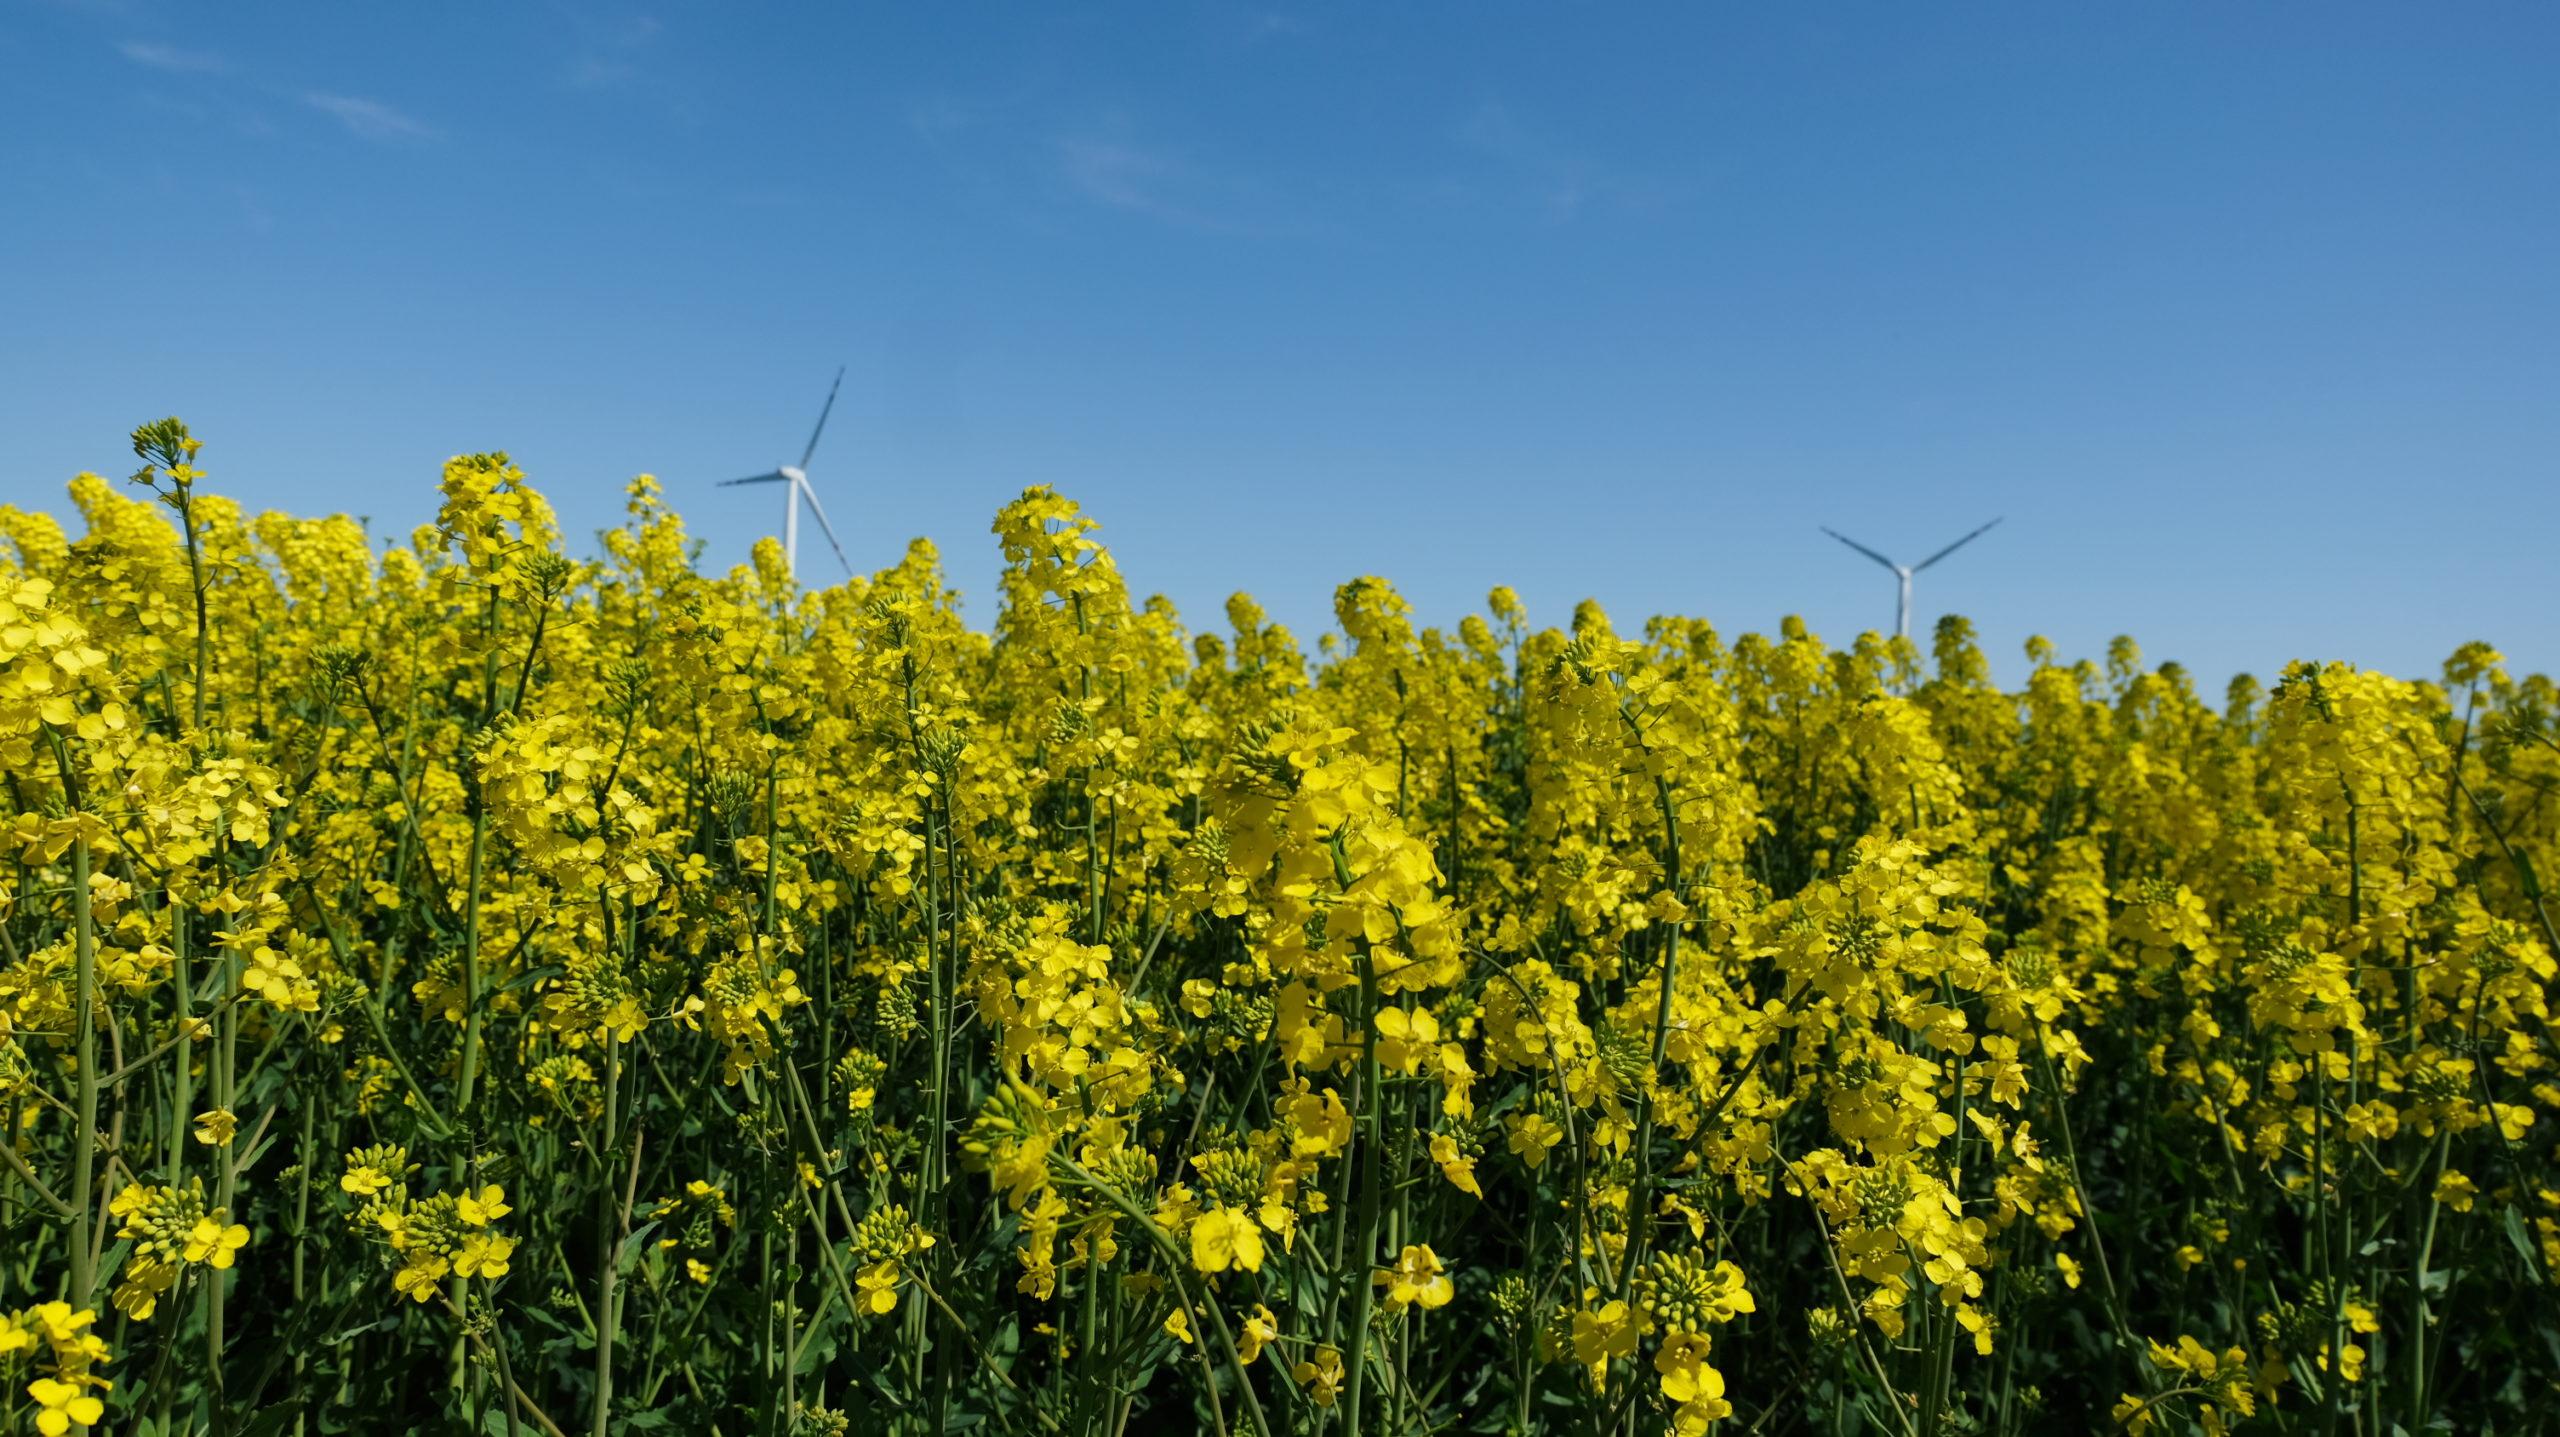 zdjęcie przedstawia pole rzepaku, a w tle widnieją wiatraki na terenie gminy legnickie pole